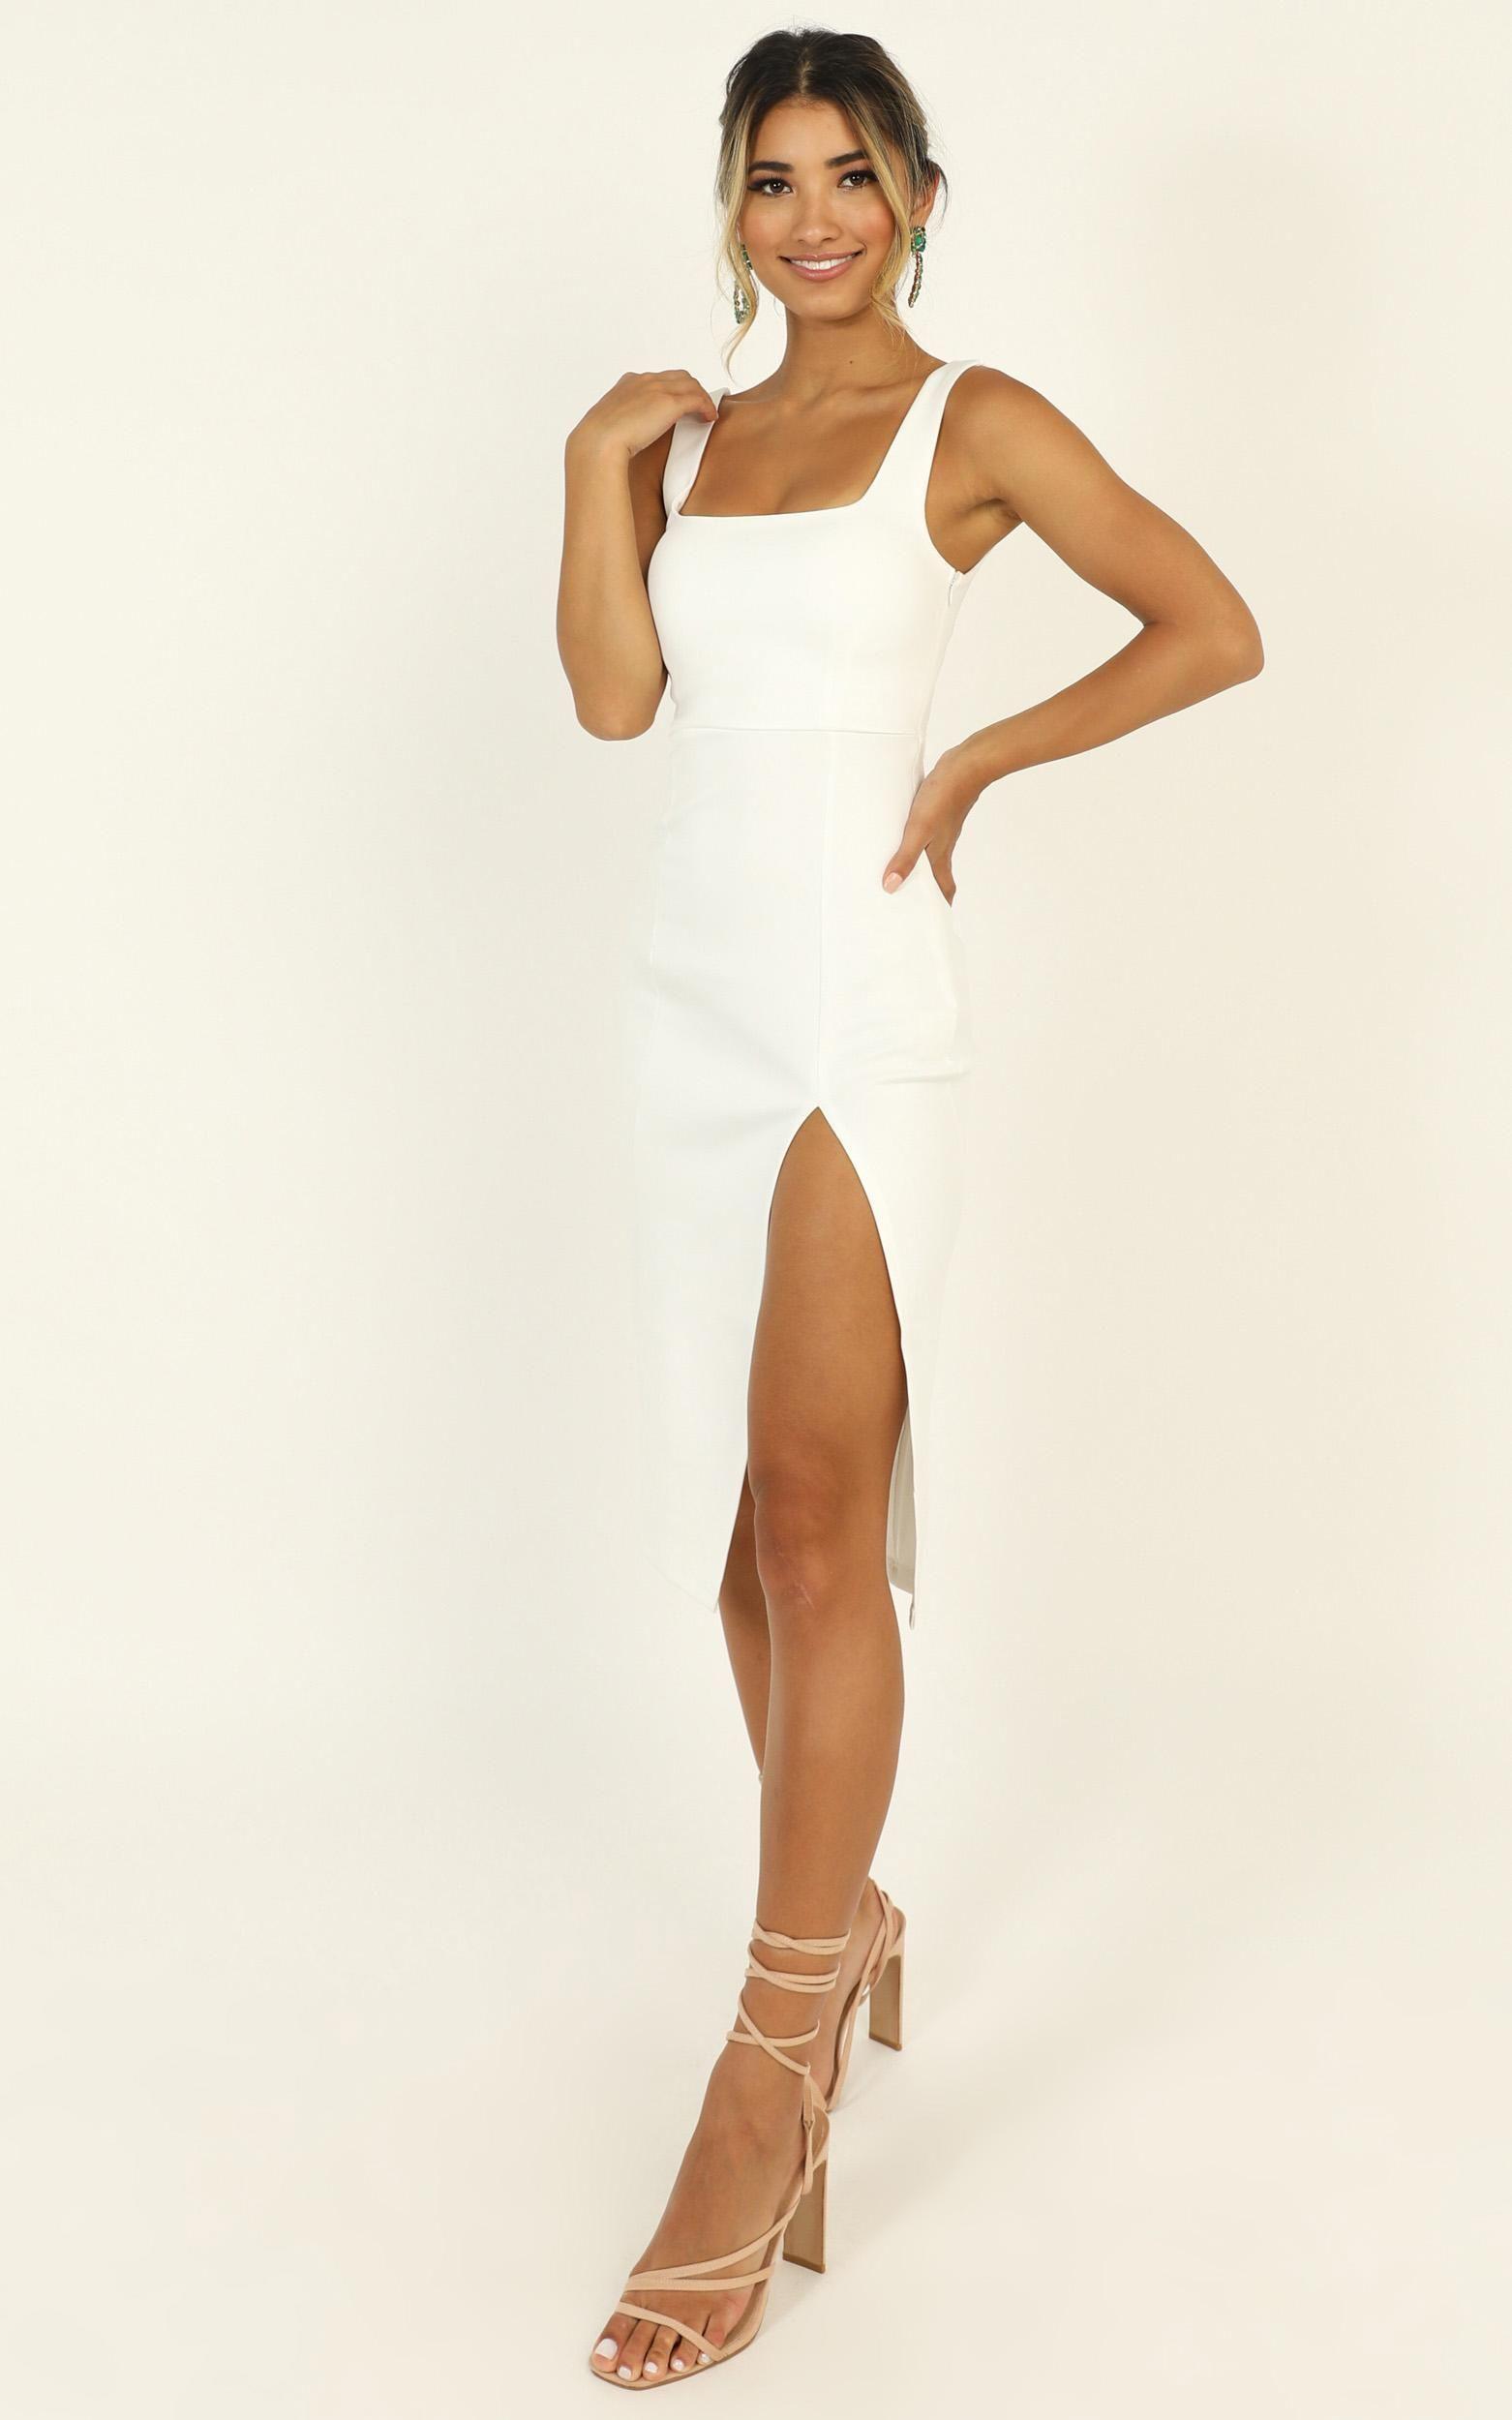 Mini Love Dress In White Showpo Bachelorette Outfits Bachelorette Party Dress White Cocktail Dress [ 2500 x 1562 Pixel ]